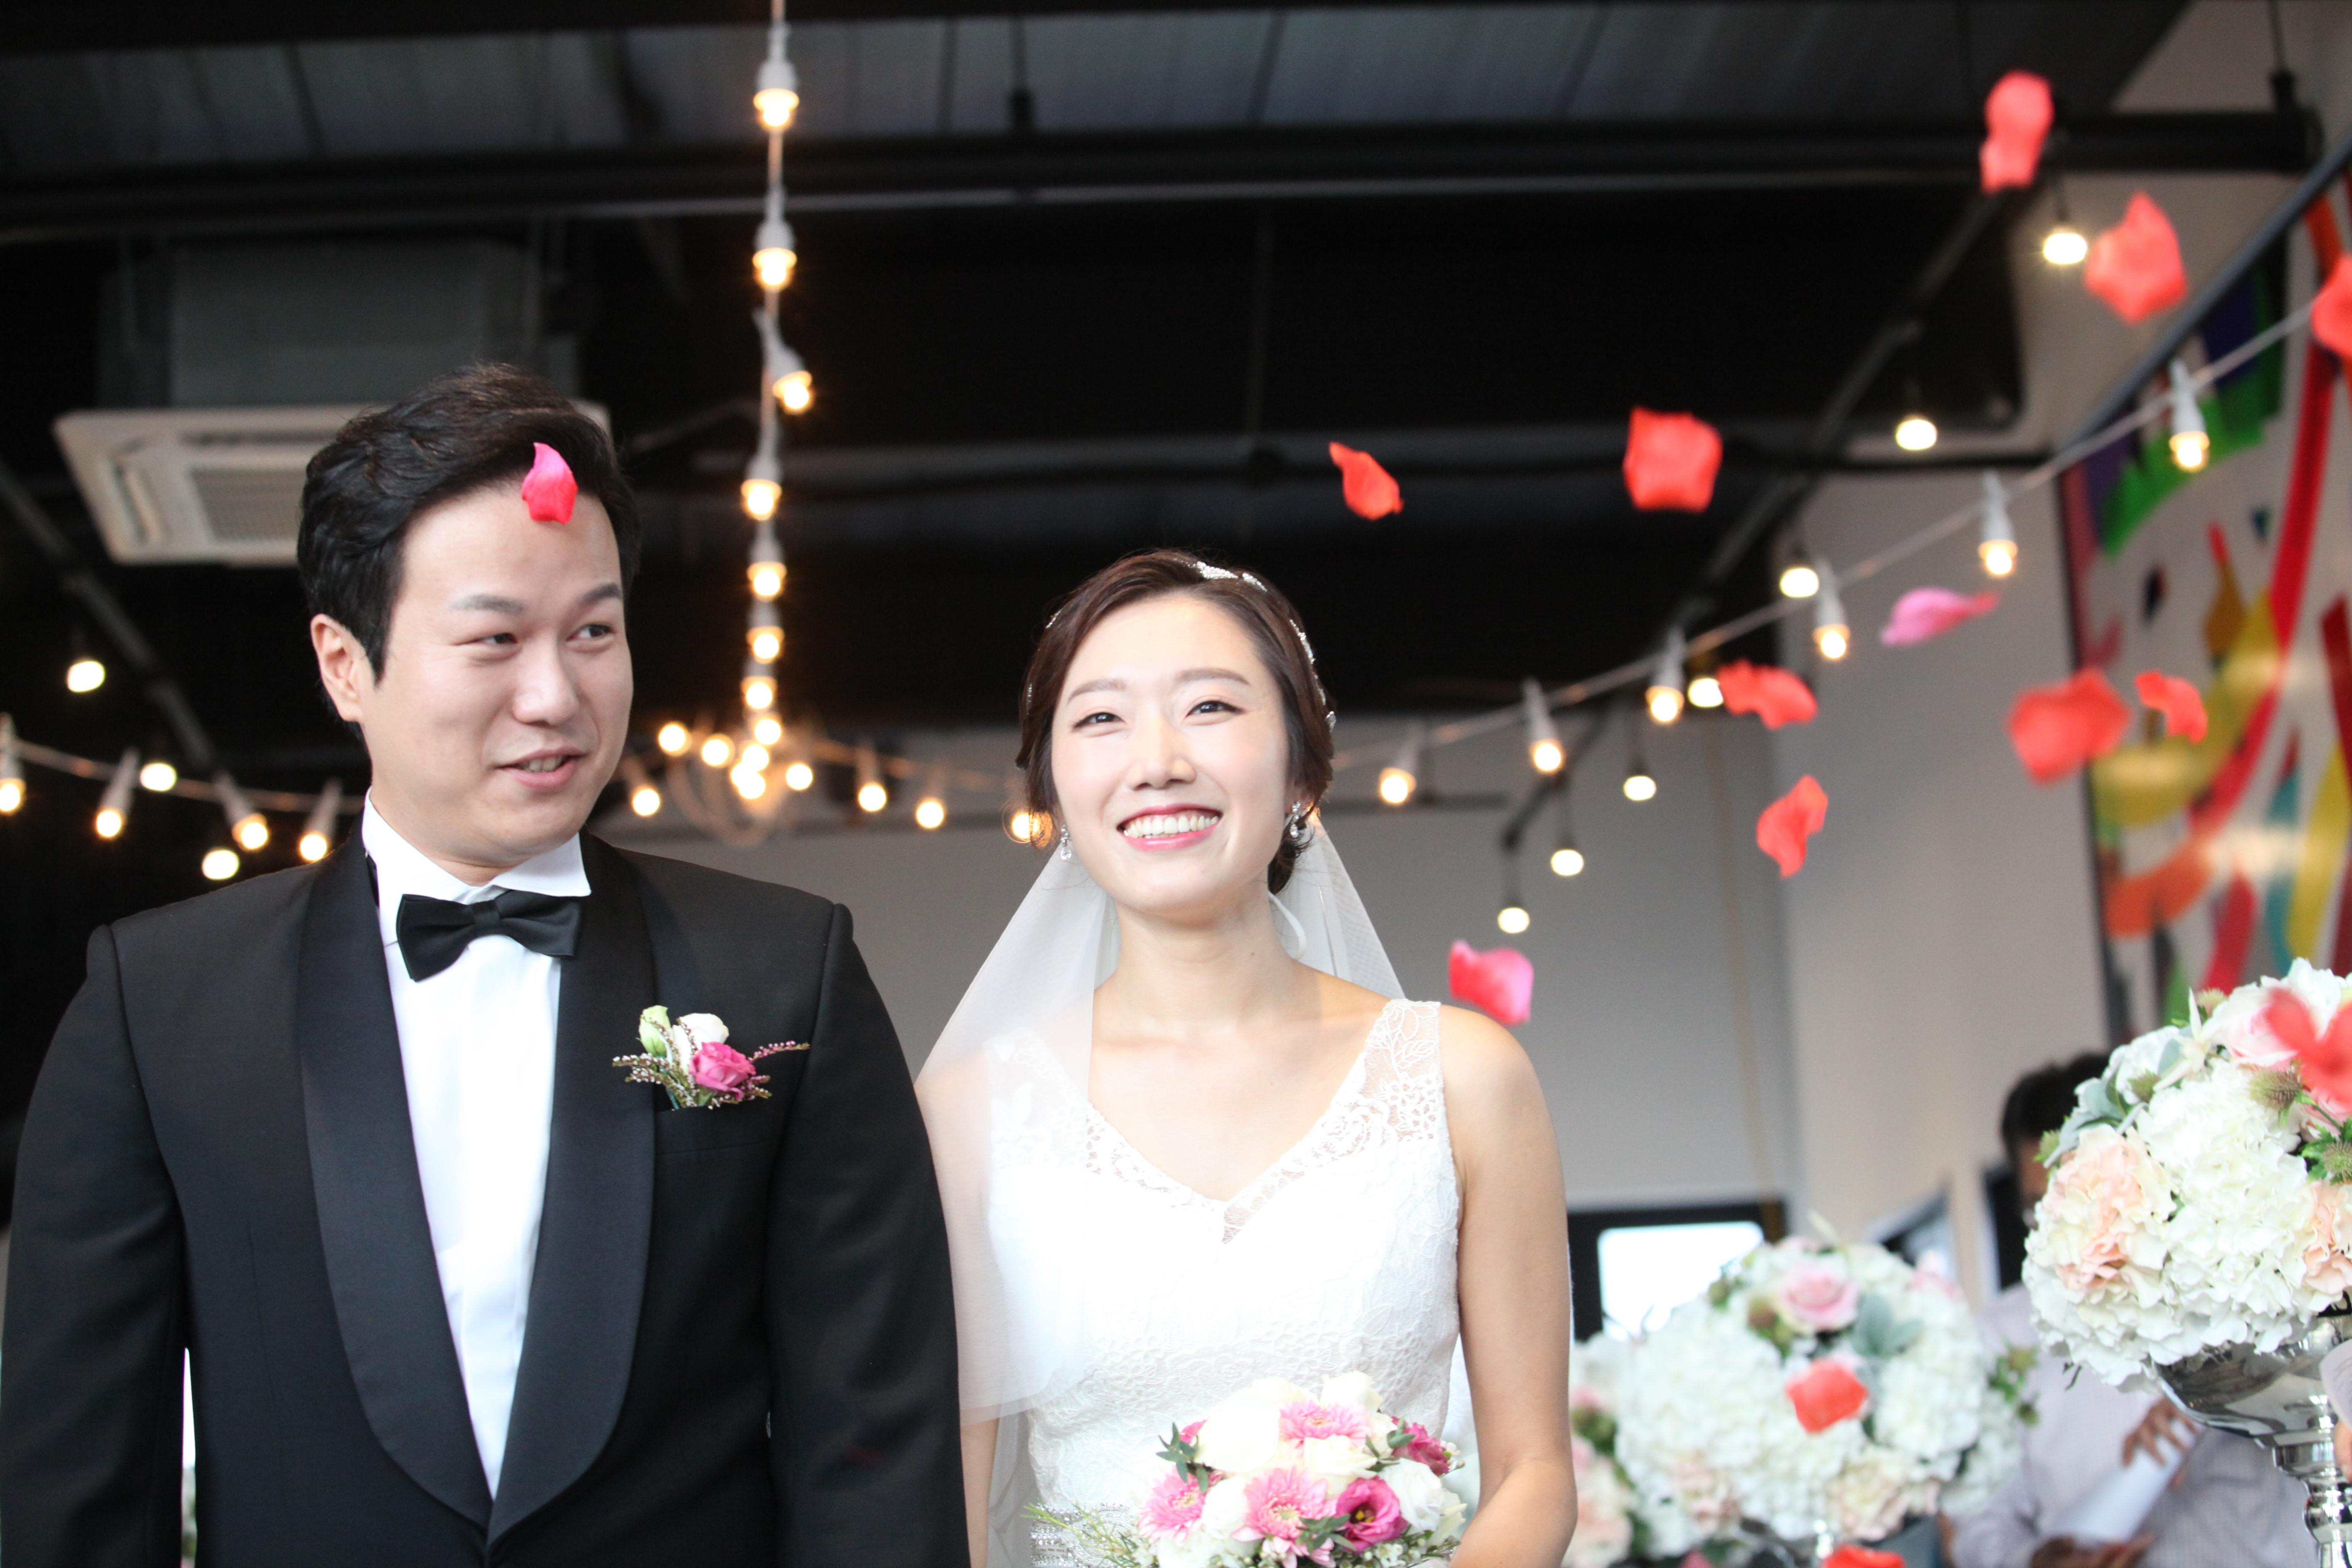 나의 결혼식 - 태풍과 함께한 잊지 못할 결혼식